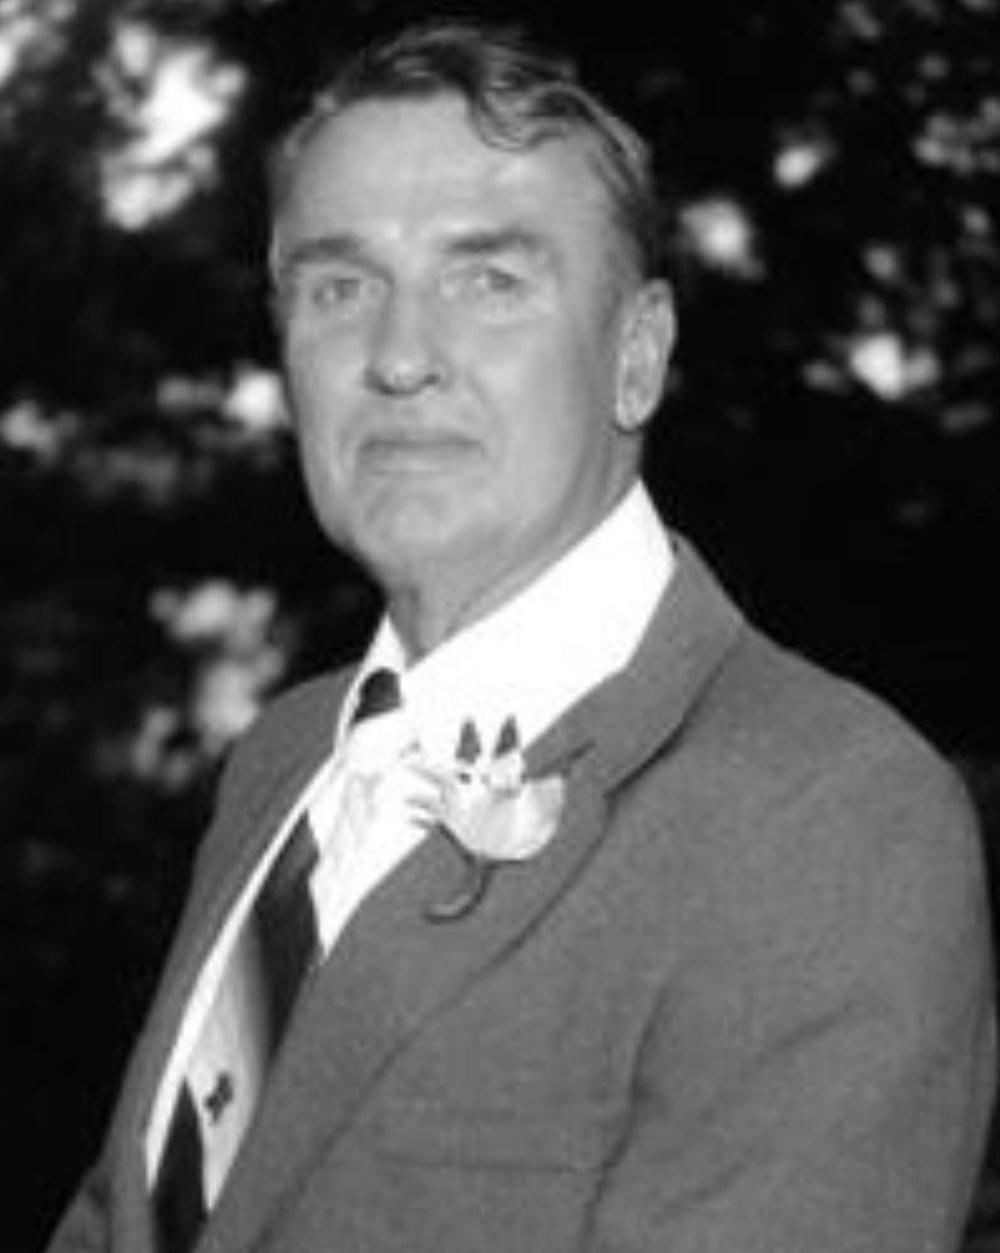 E. DALE WILSON